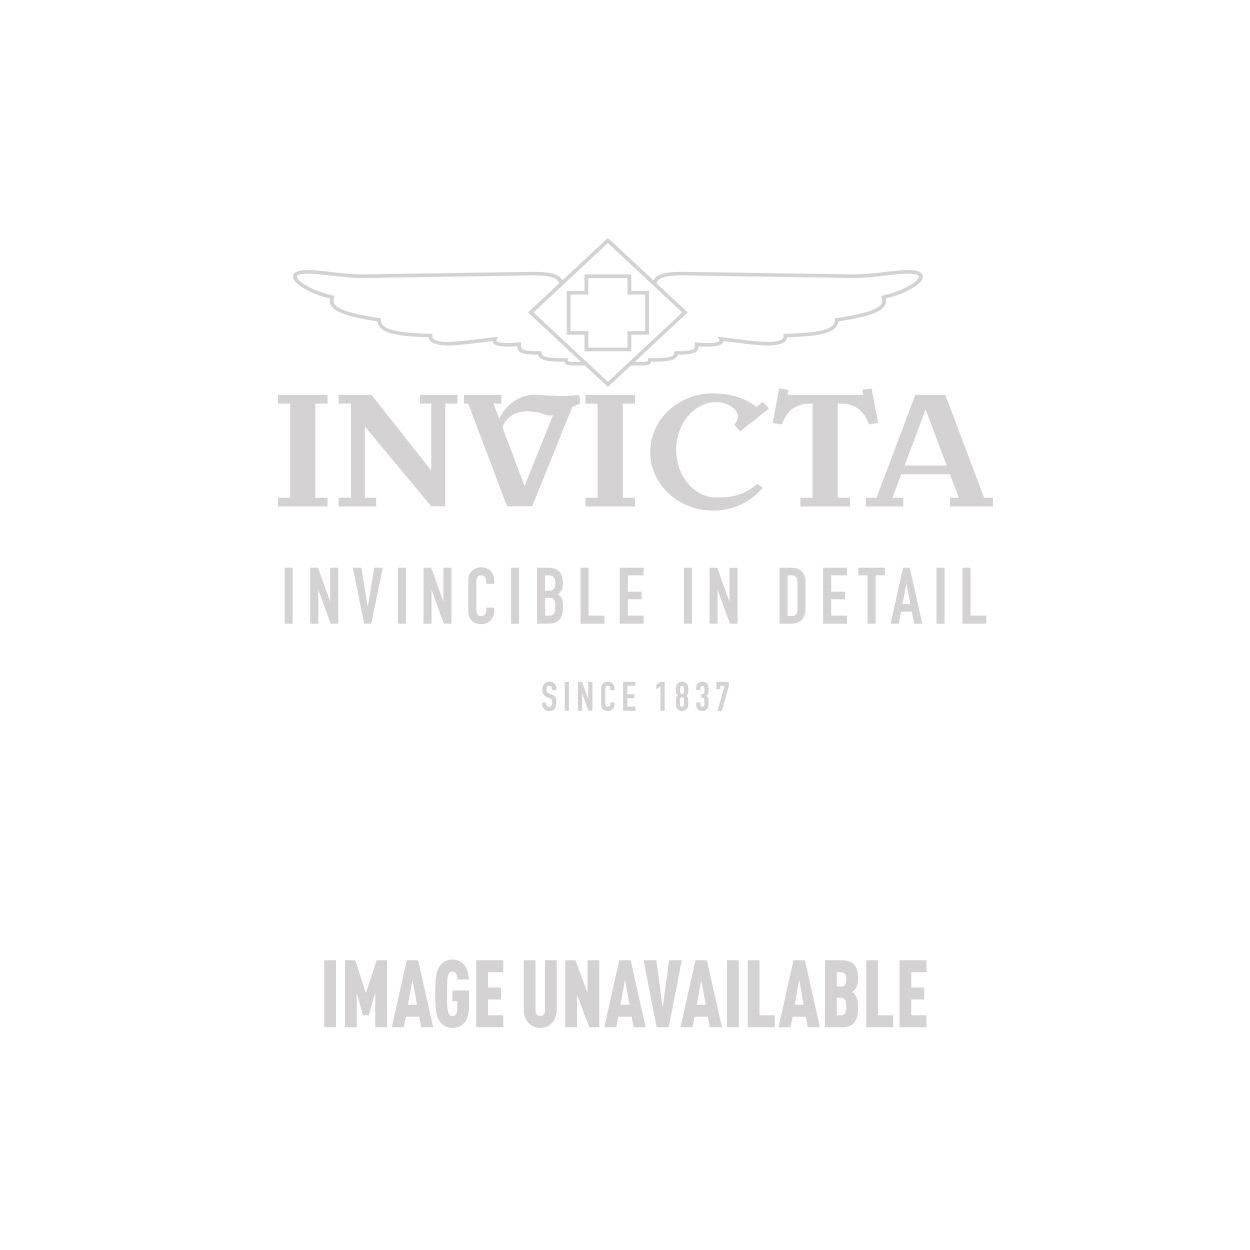 Invicta Model 27376